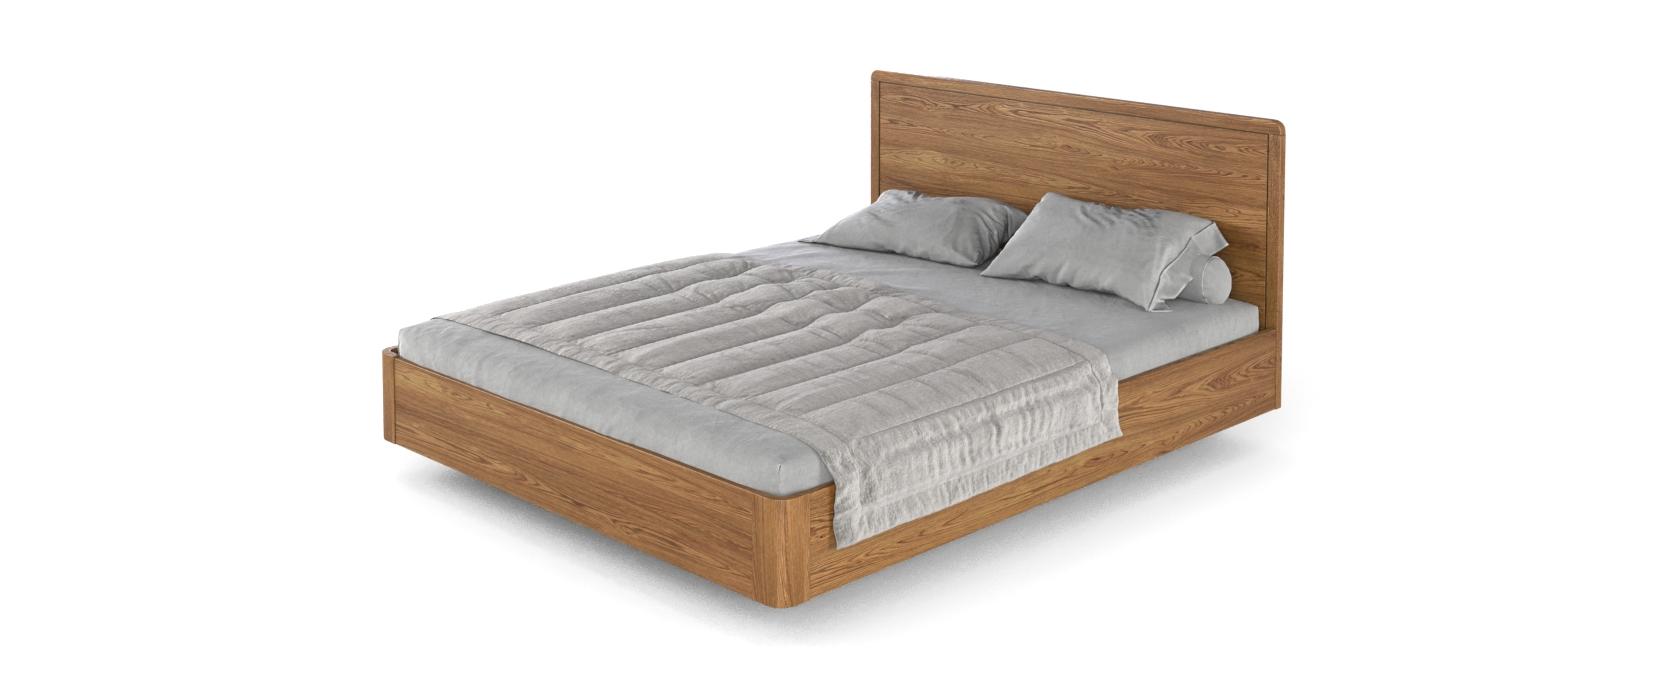 Кровать Lino Ясень - Pufetto